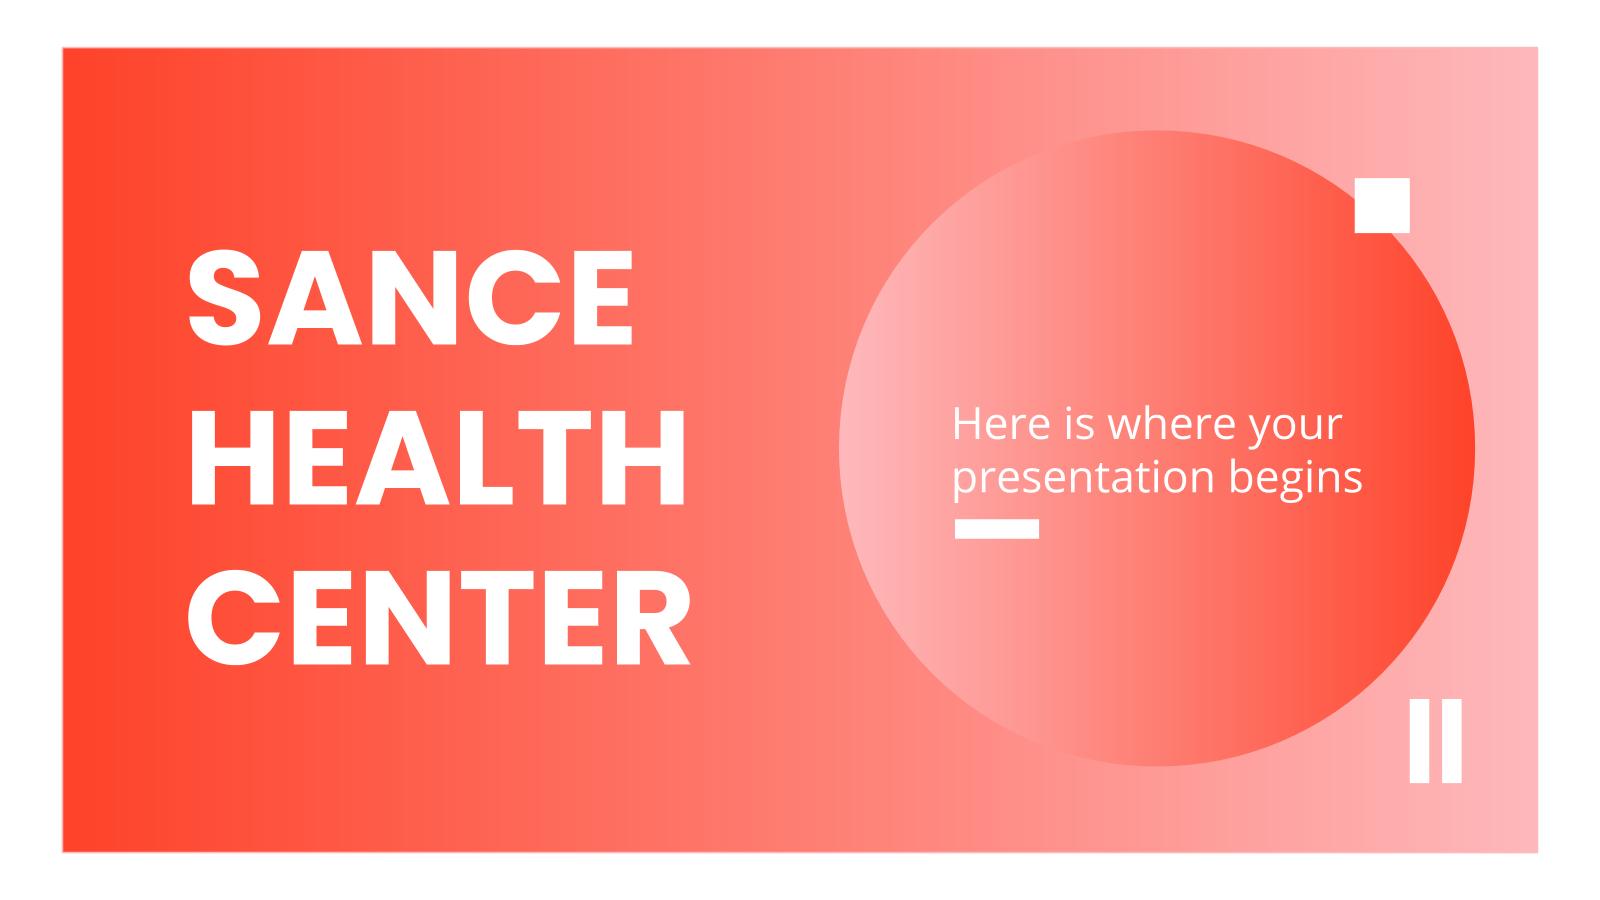 Plantilla de presentación Centro de salud Sance